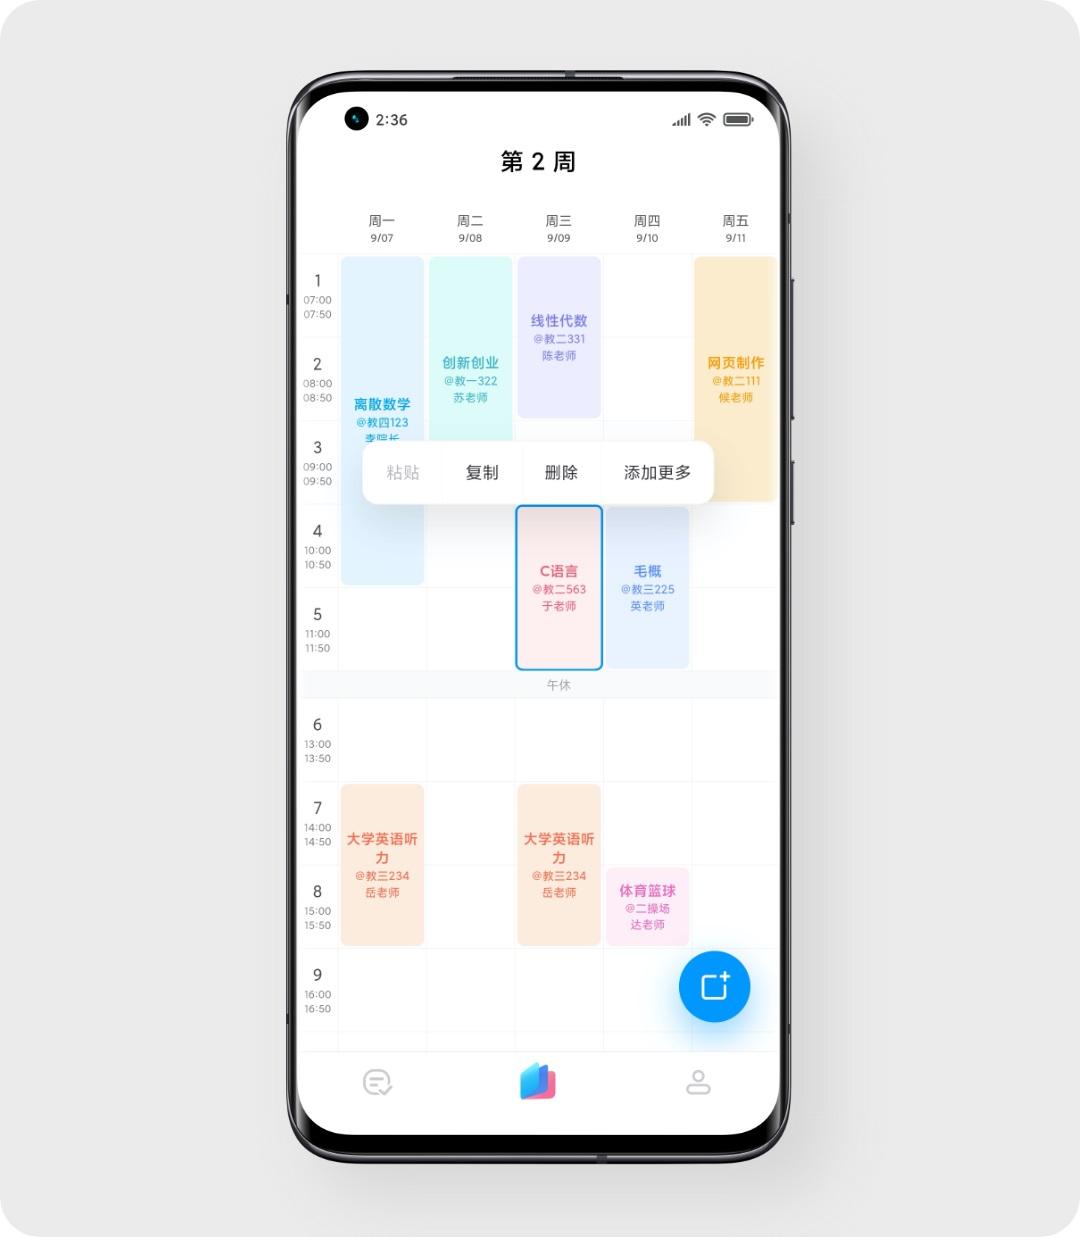 小米小爱课程表App上架iOS和安卓商店,所有手机都能用